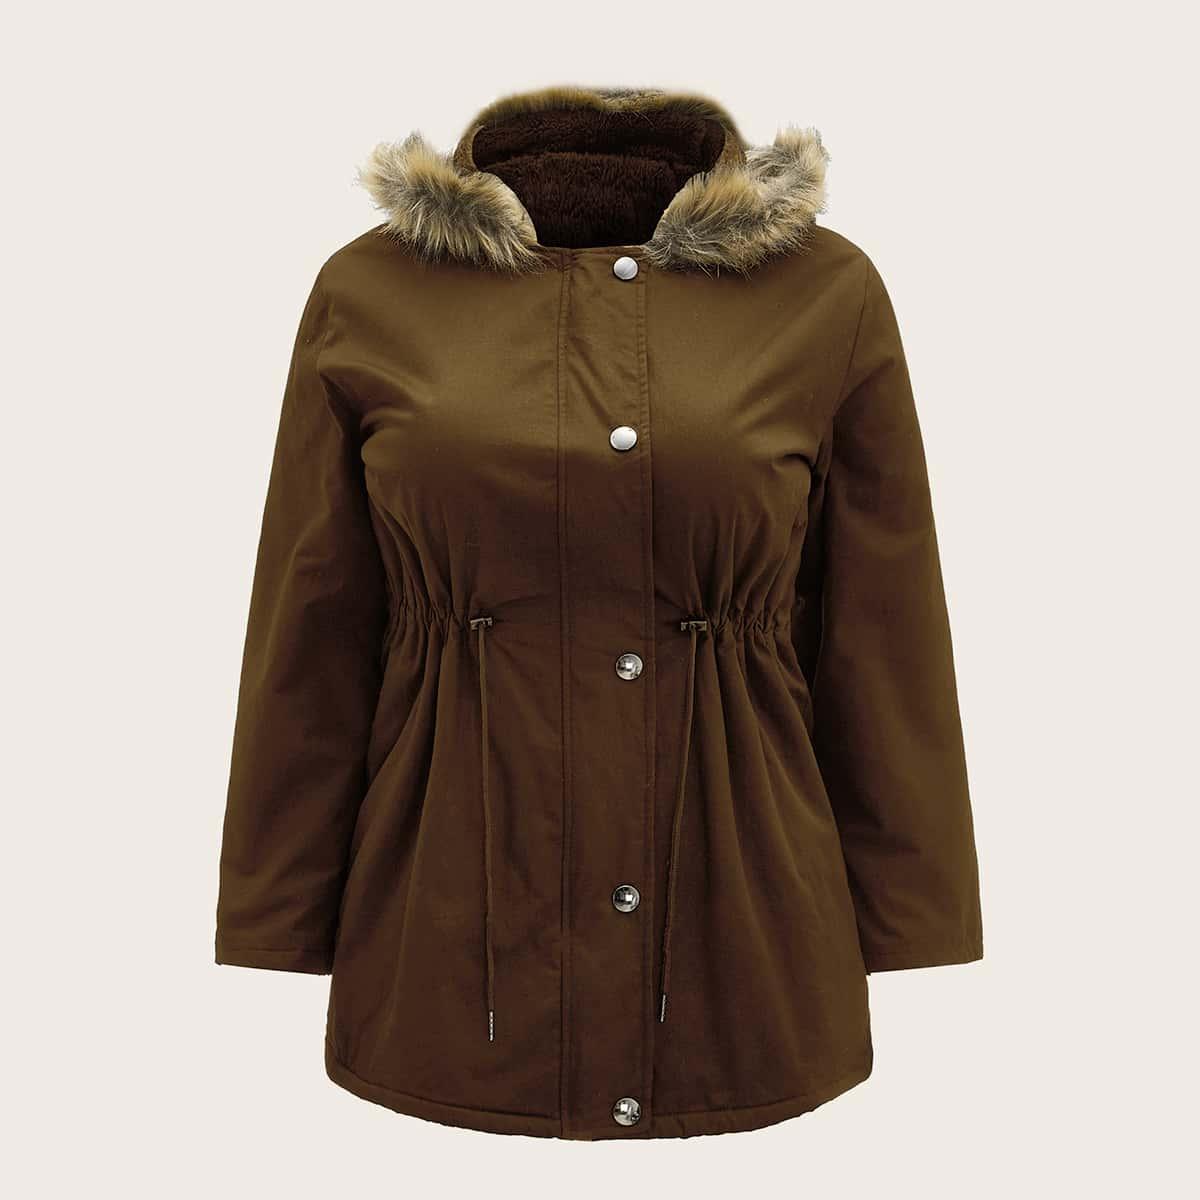 Пальто парка размера плюс с капюшоном и пуговицами на кулиске